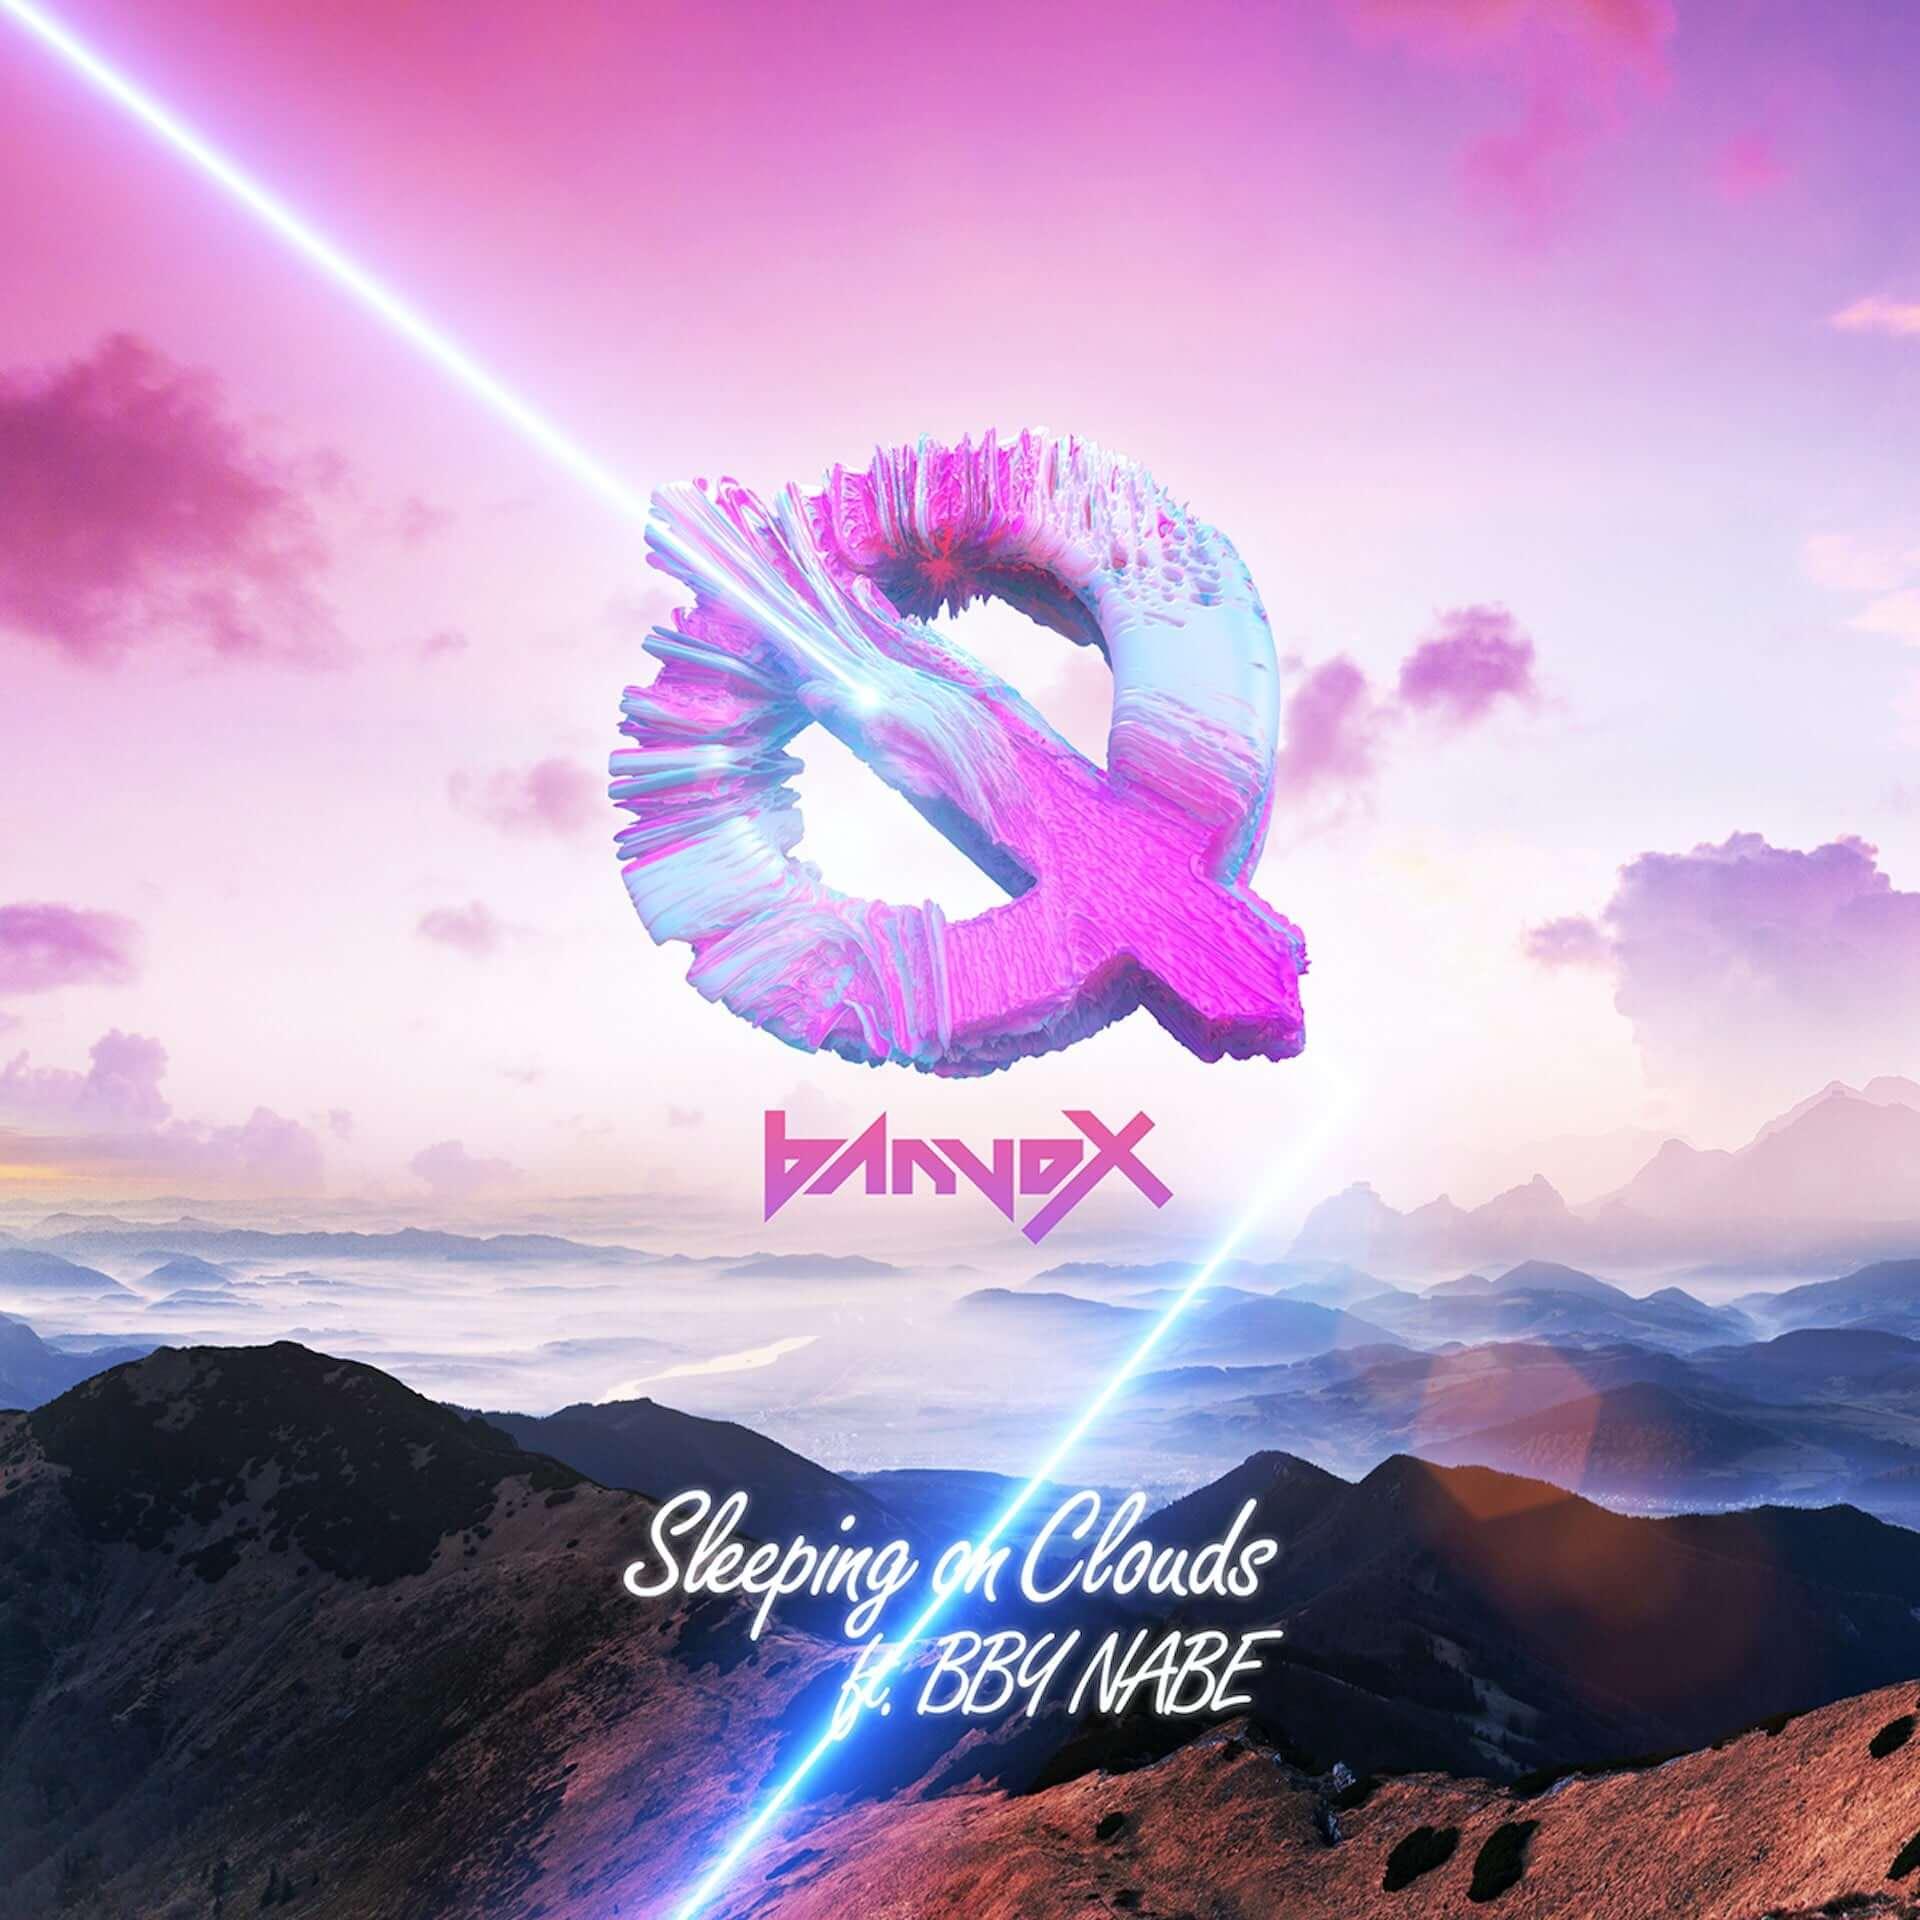 """banvoxがBBY NABEを迎えた新曲""""Sleeping on Cloud""""をリリース!Naohiro Yakoがアートワークを担当 music200930_banvox_1-1-1920x1920"""